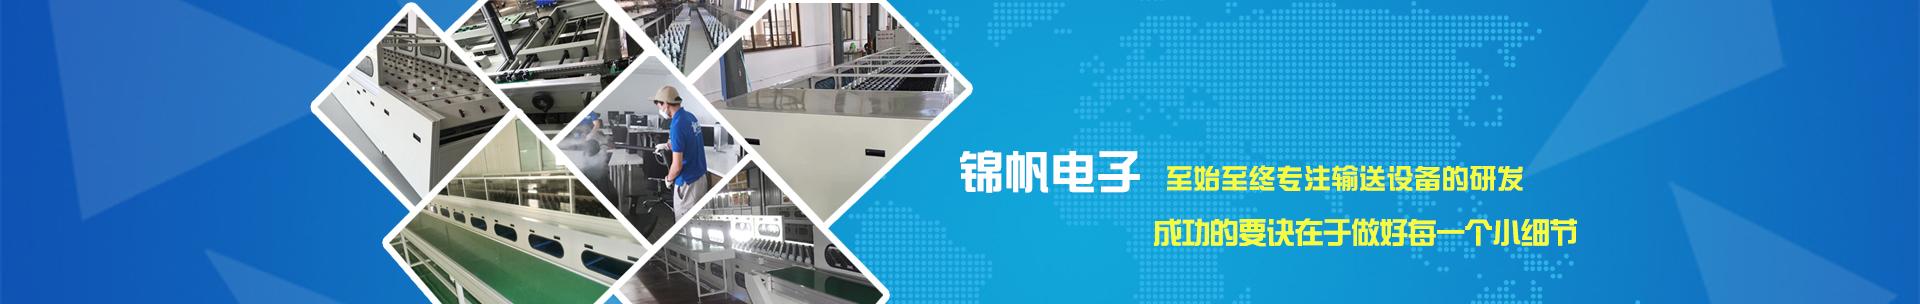 生产流水线厂家,自动化装配线